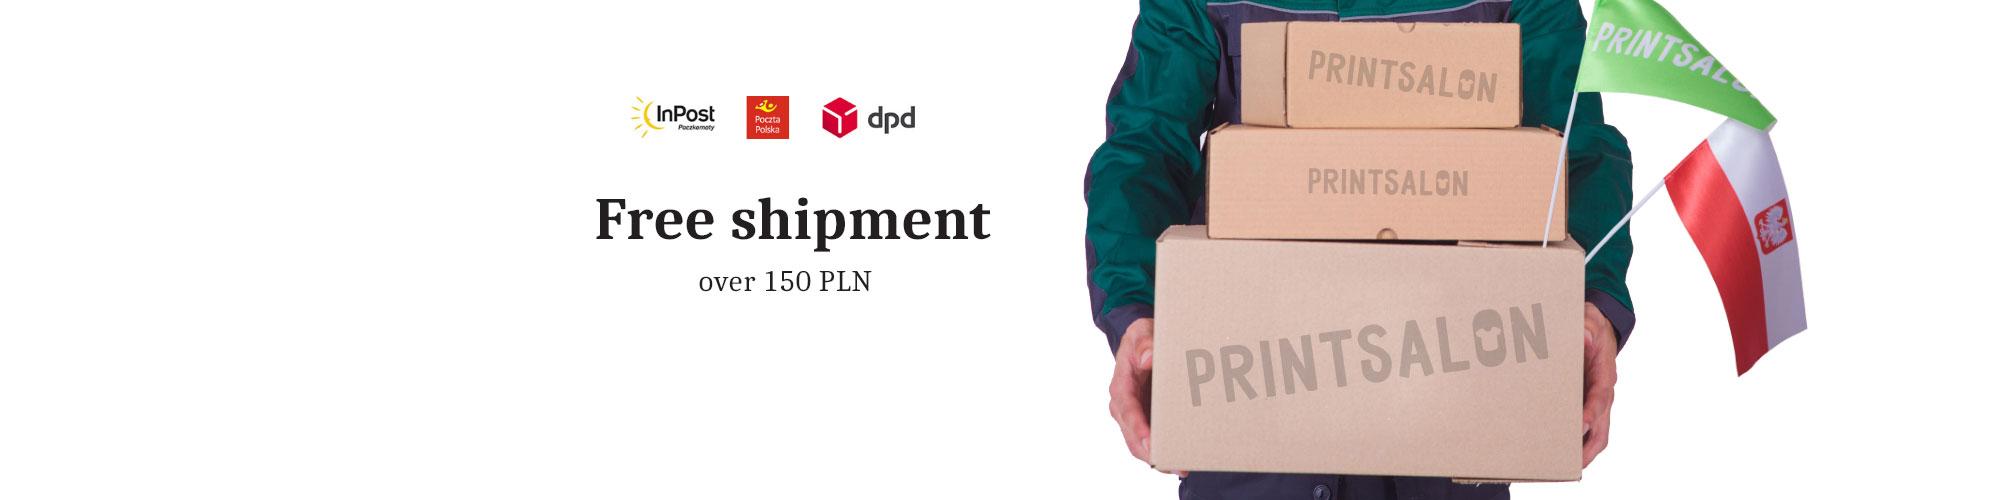 2free-delivery-en-min